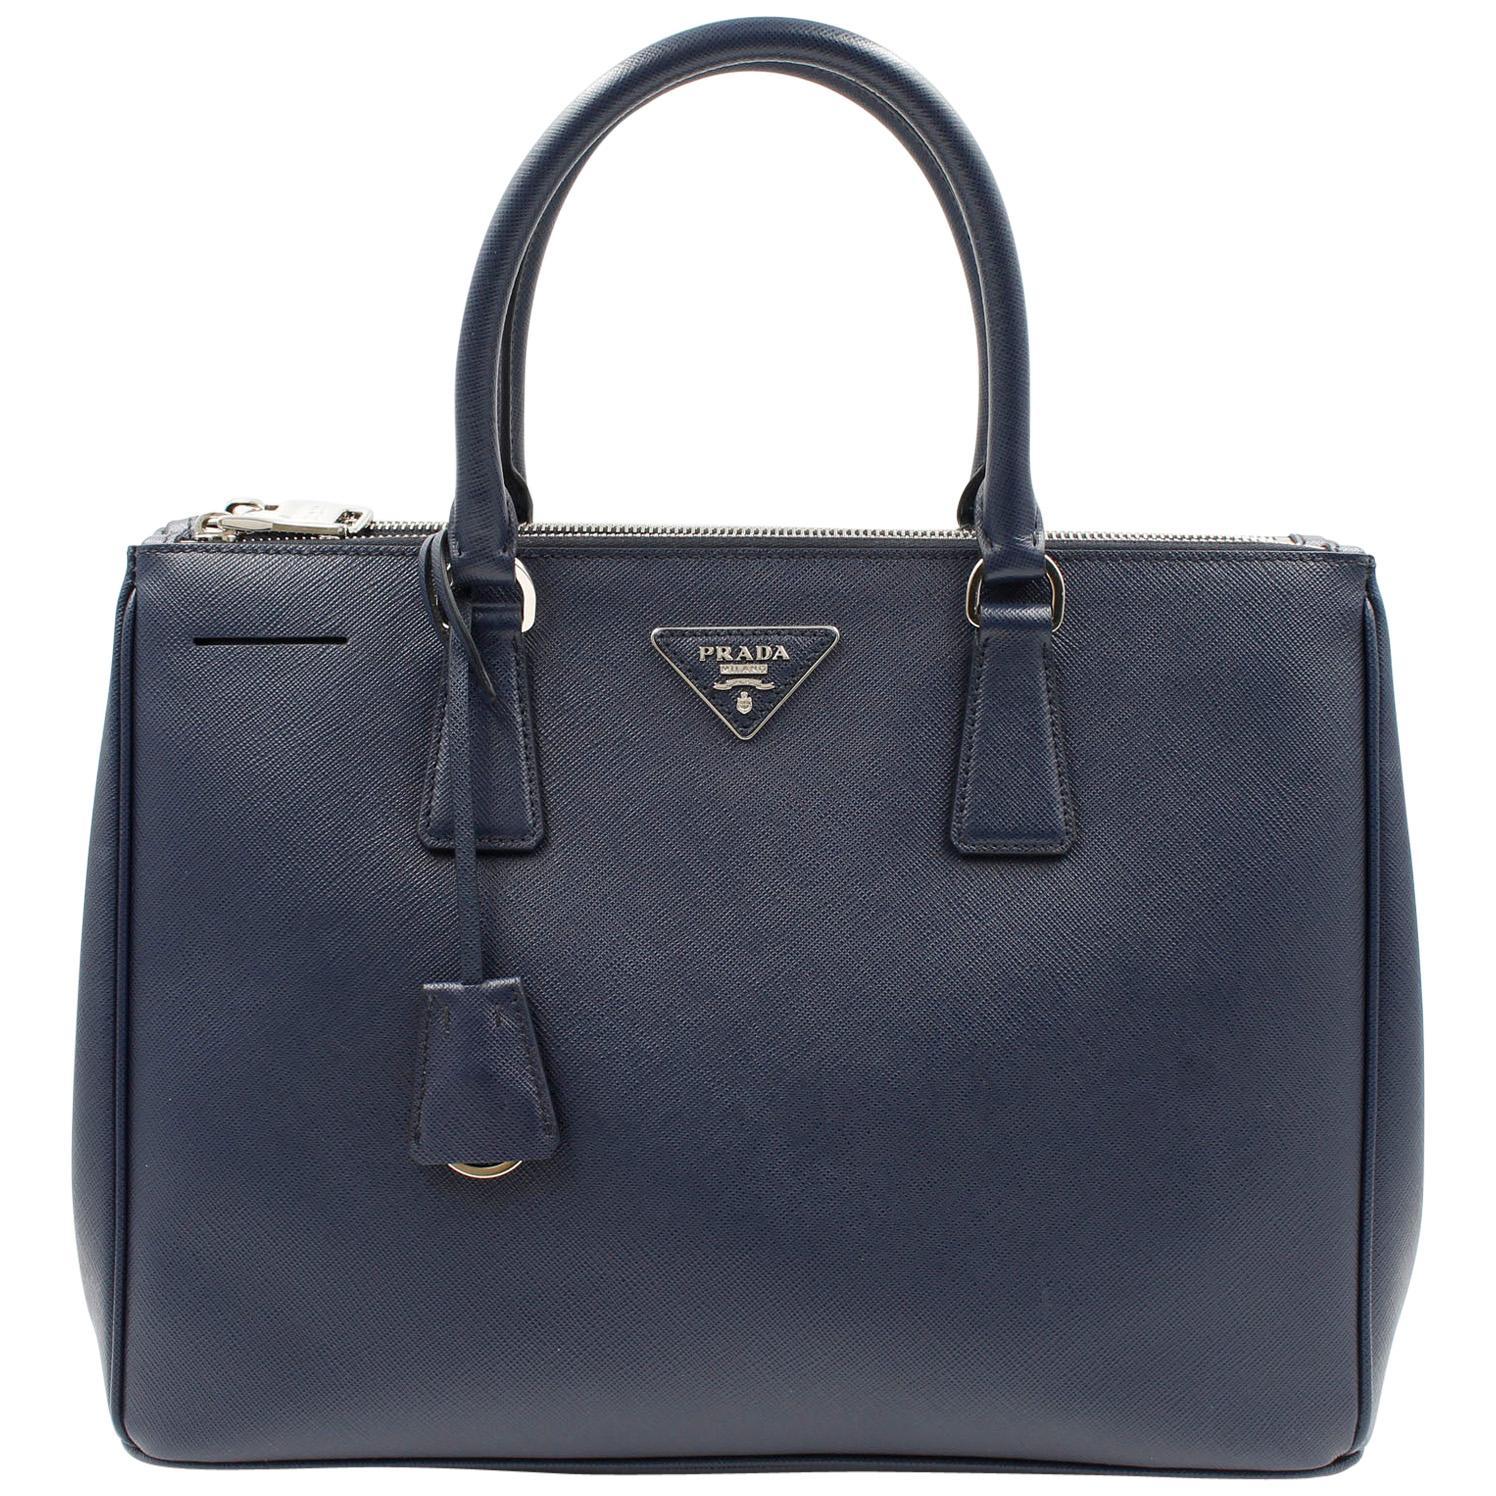 Prada Galleria Saffiano Leather Bag 1BA274 Navy Blue